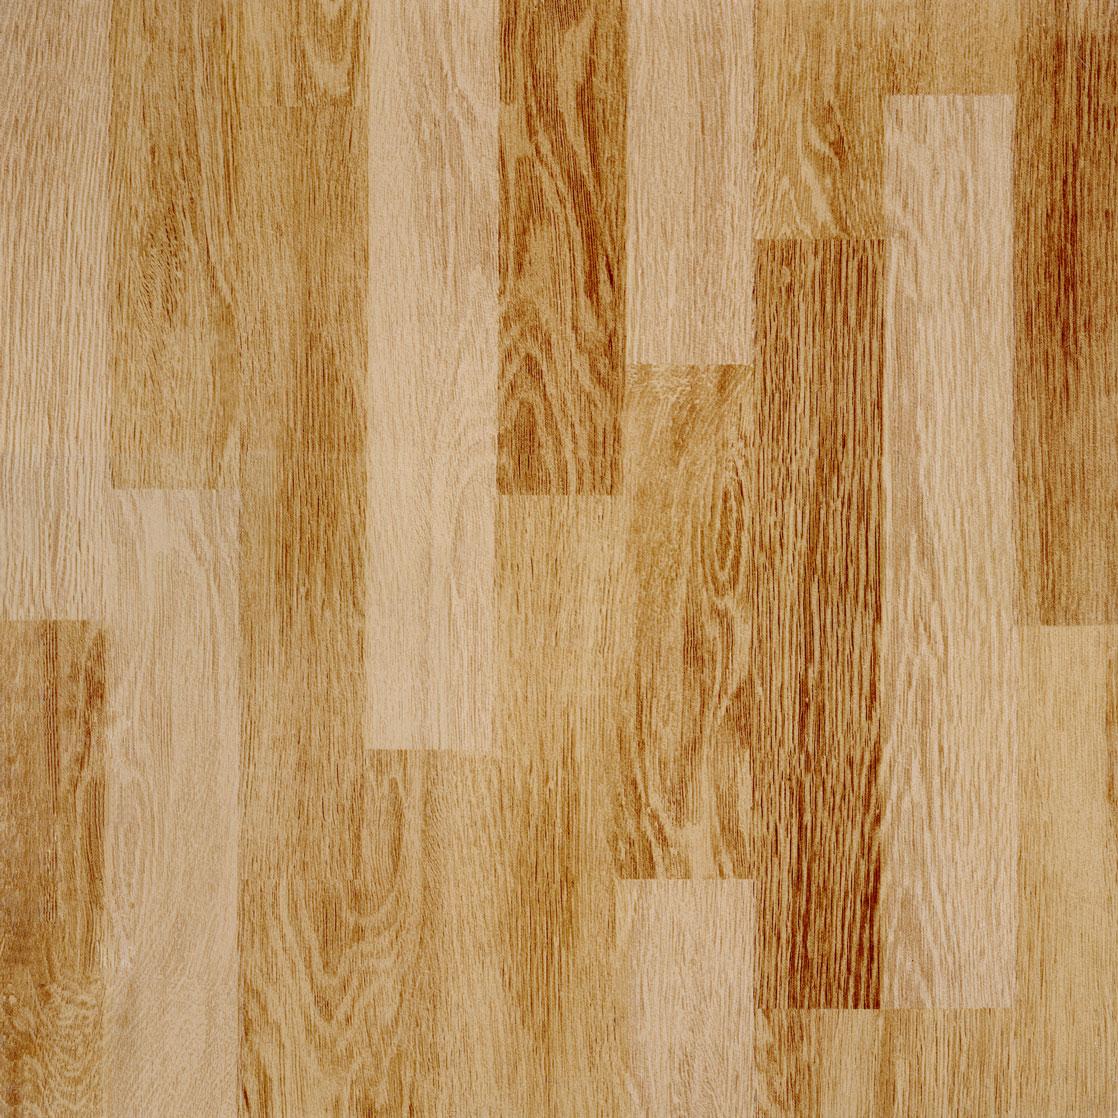 Gạch giả gỗ 500x500 Viglacera GM522 giá rẻ